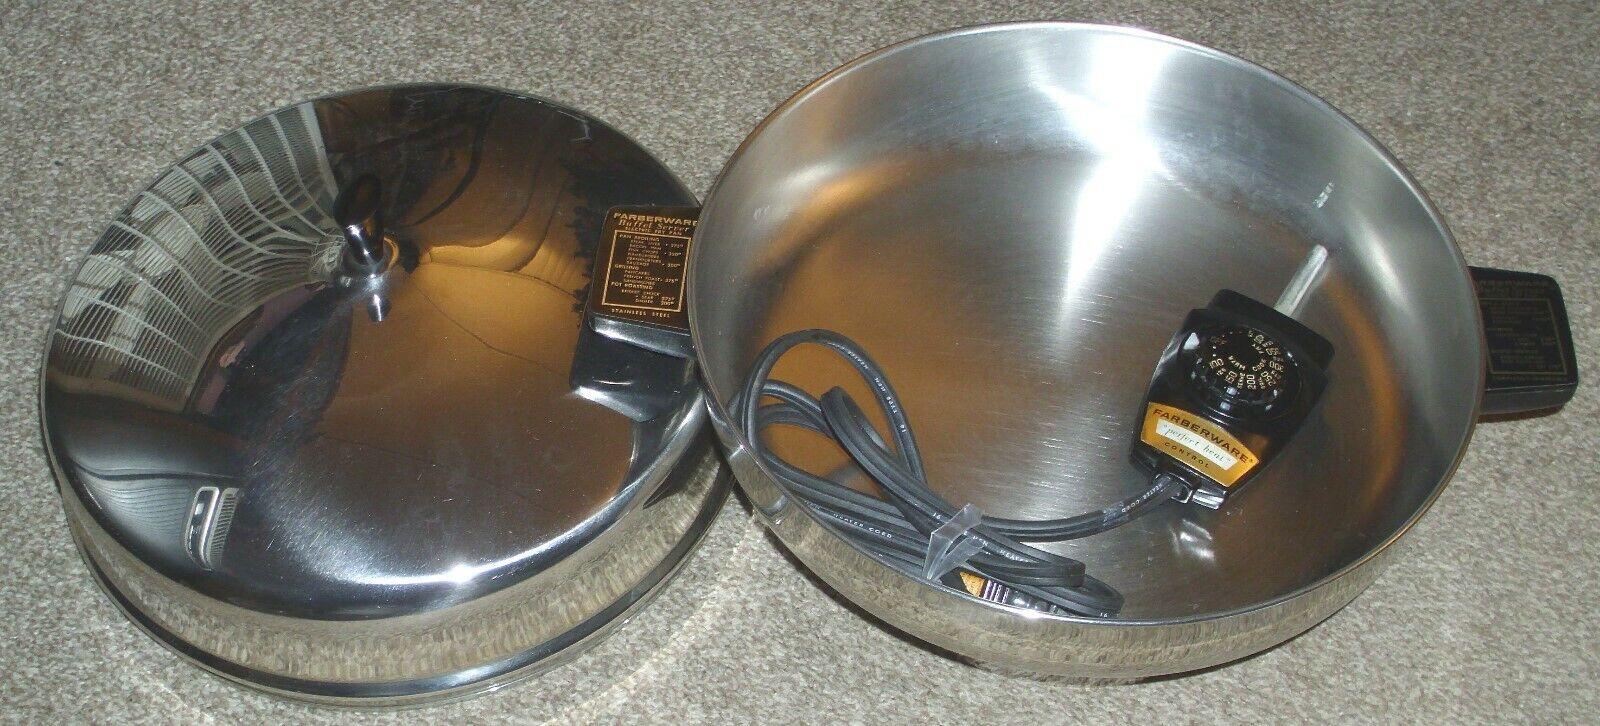 Couleurrware électrique Poêle Buffet modèle de serveur 335-A 12  Rond en Acier Inoxydable